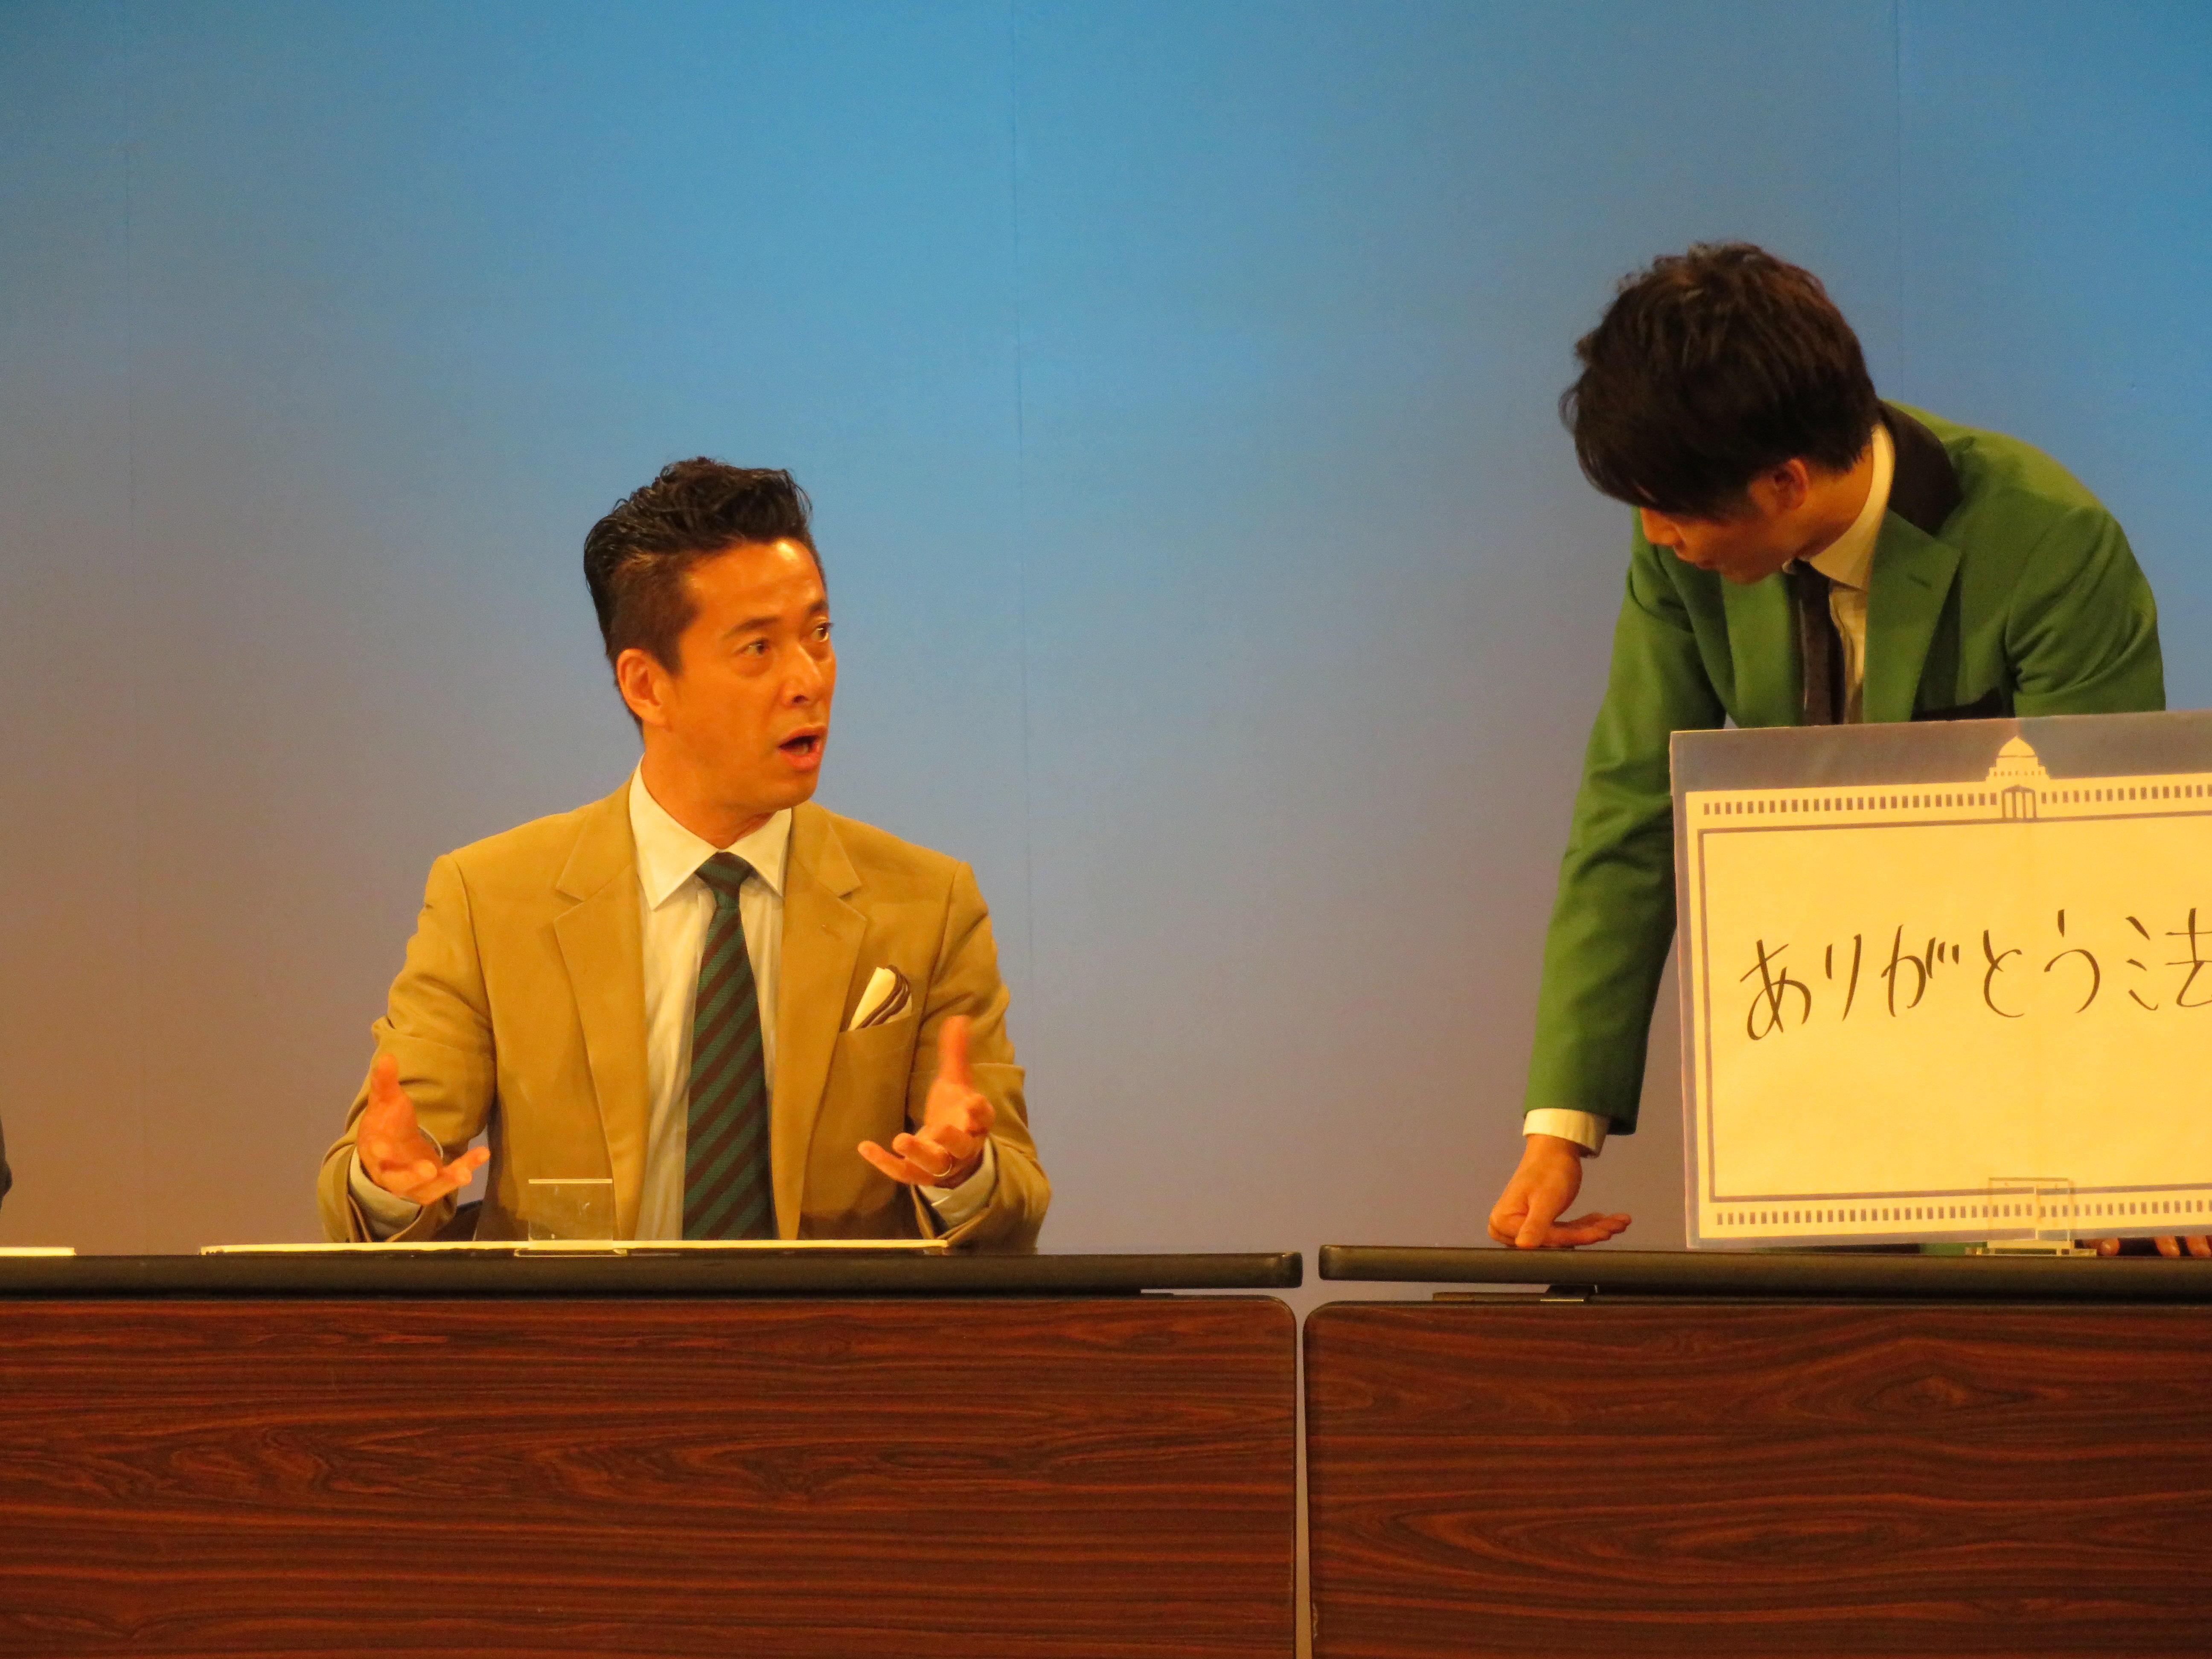 http://news.yoshimoto.co.jp/20170803163040-407b0ee1e4a576726e5e4276aad70596c05d3dba.jpg